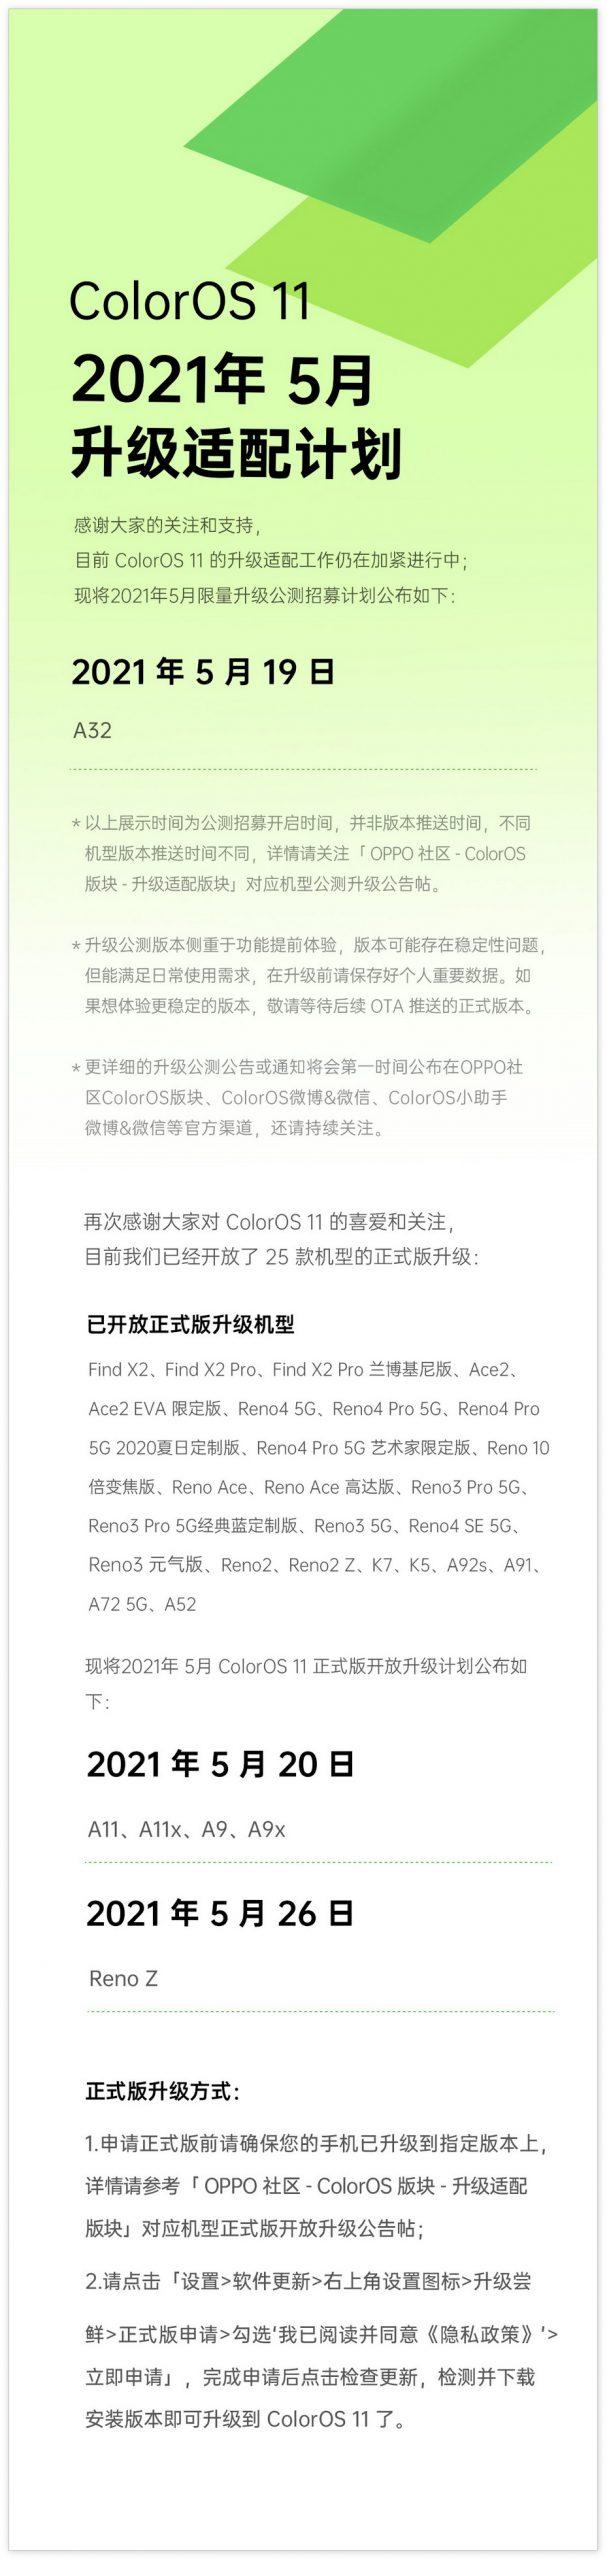 OPPO 发布2021年5月ColorOS 11升级计划